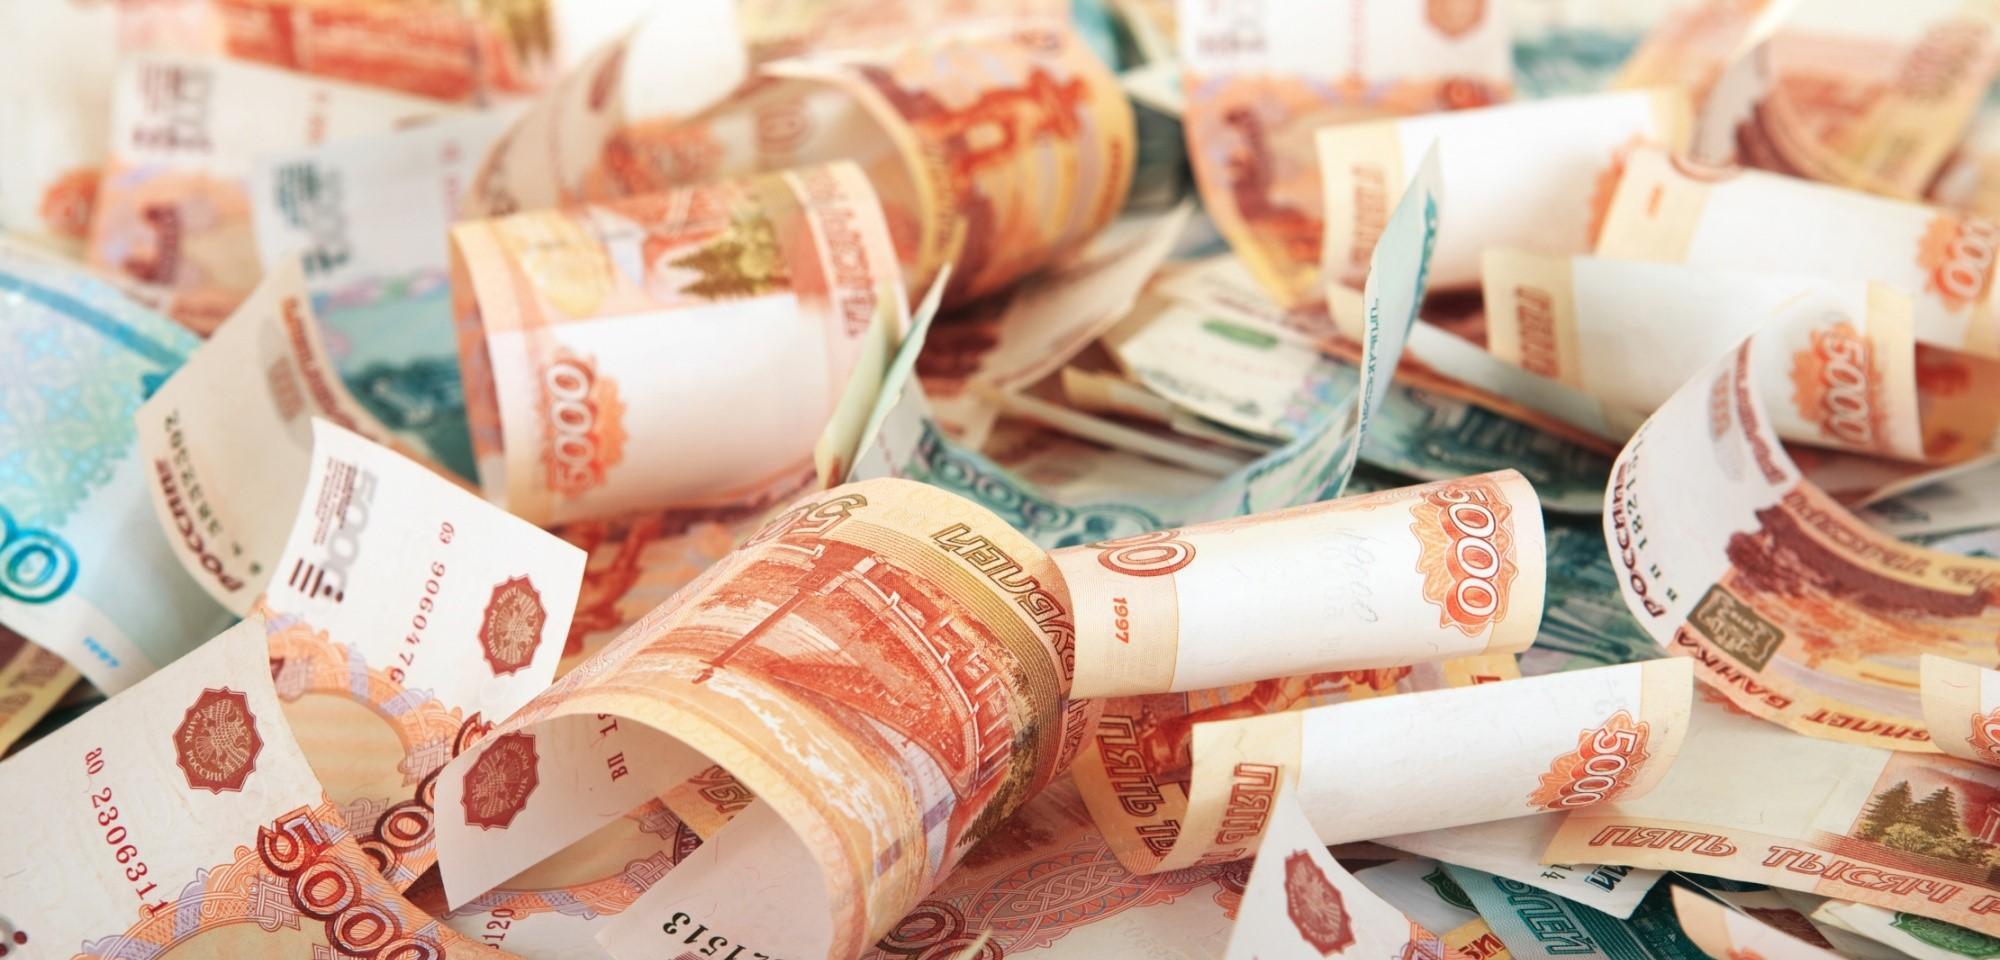 Пенсии ФСИН: новые правила